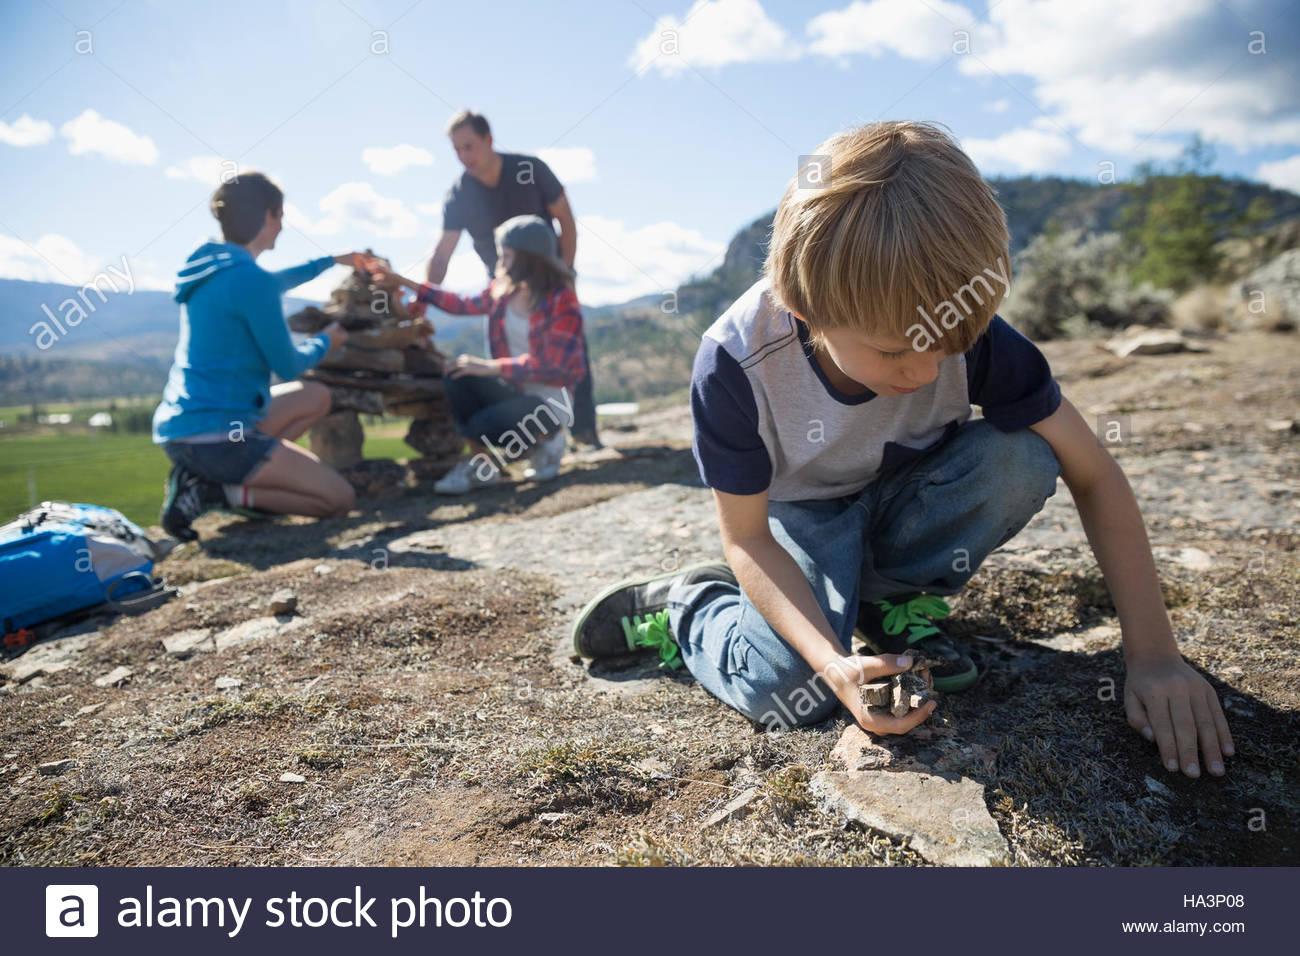 Reunión Familiar y apilar rocas Imagen De Stock